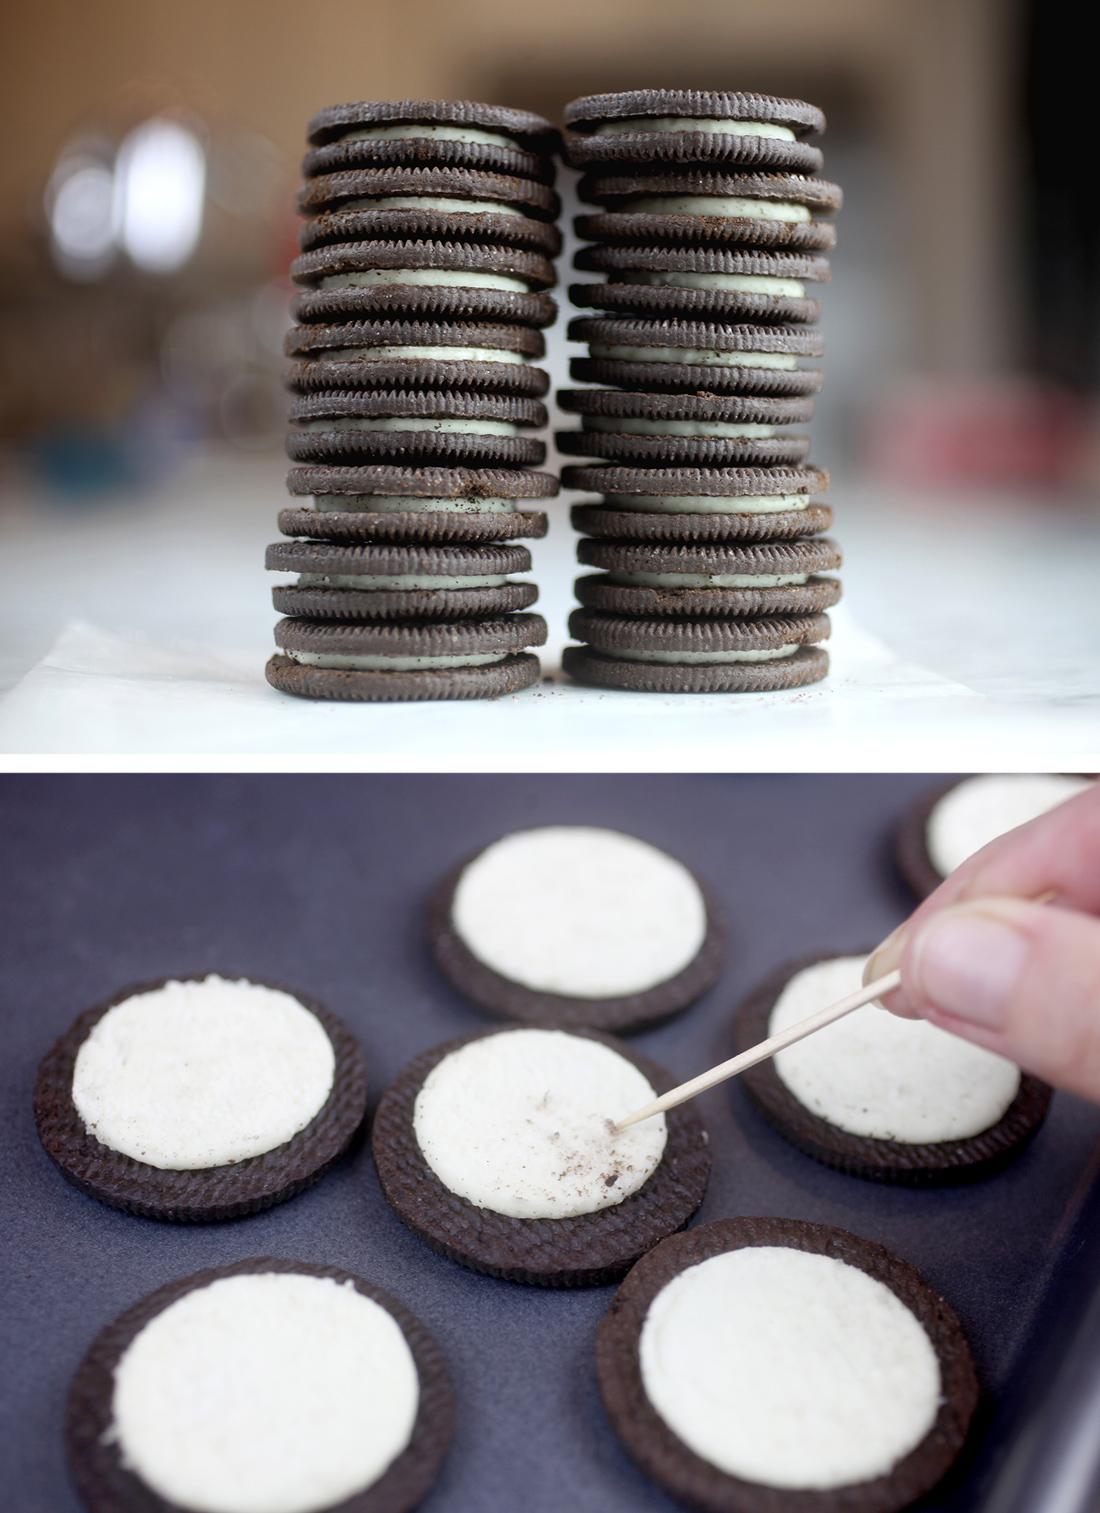 Separating Oreo Cookies